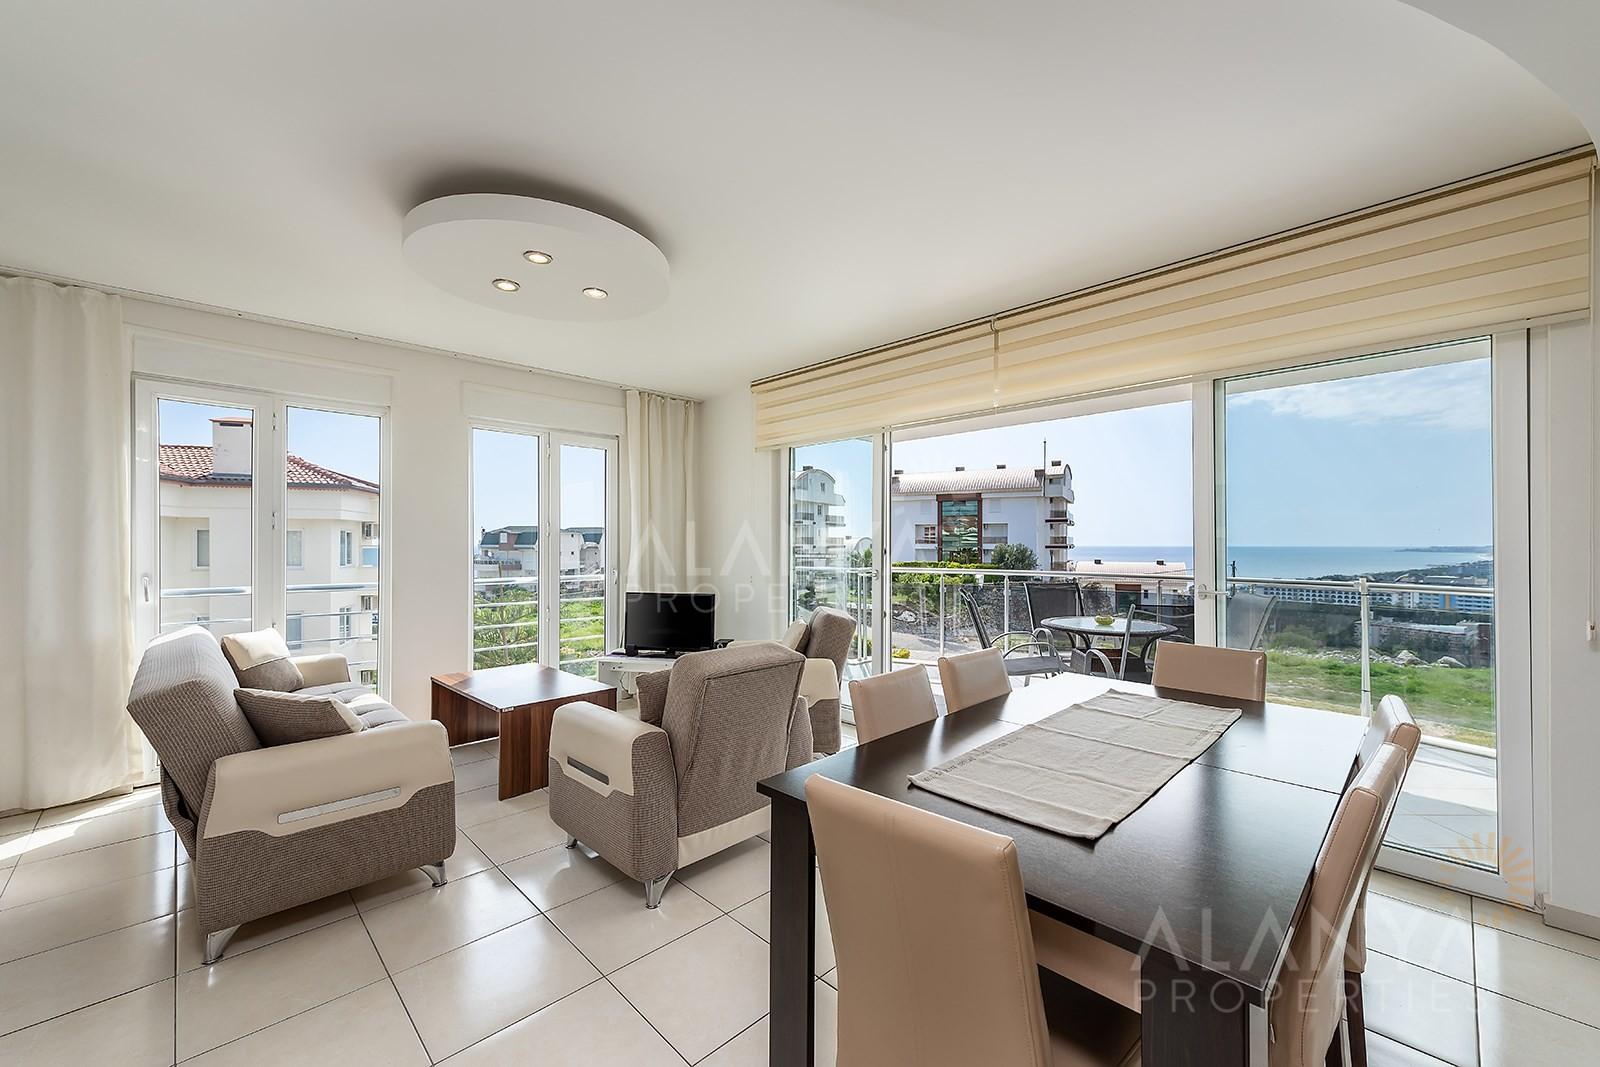 Sunset Beach - Konaklı sitesinde satılık üç yatak odalı dubleks daire